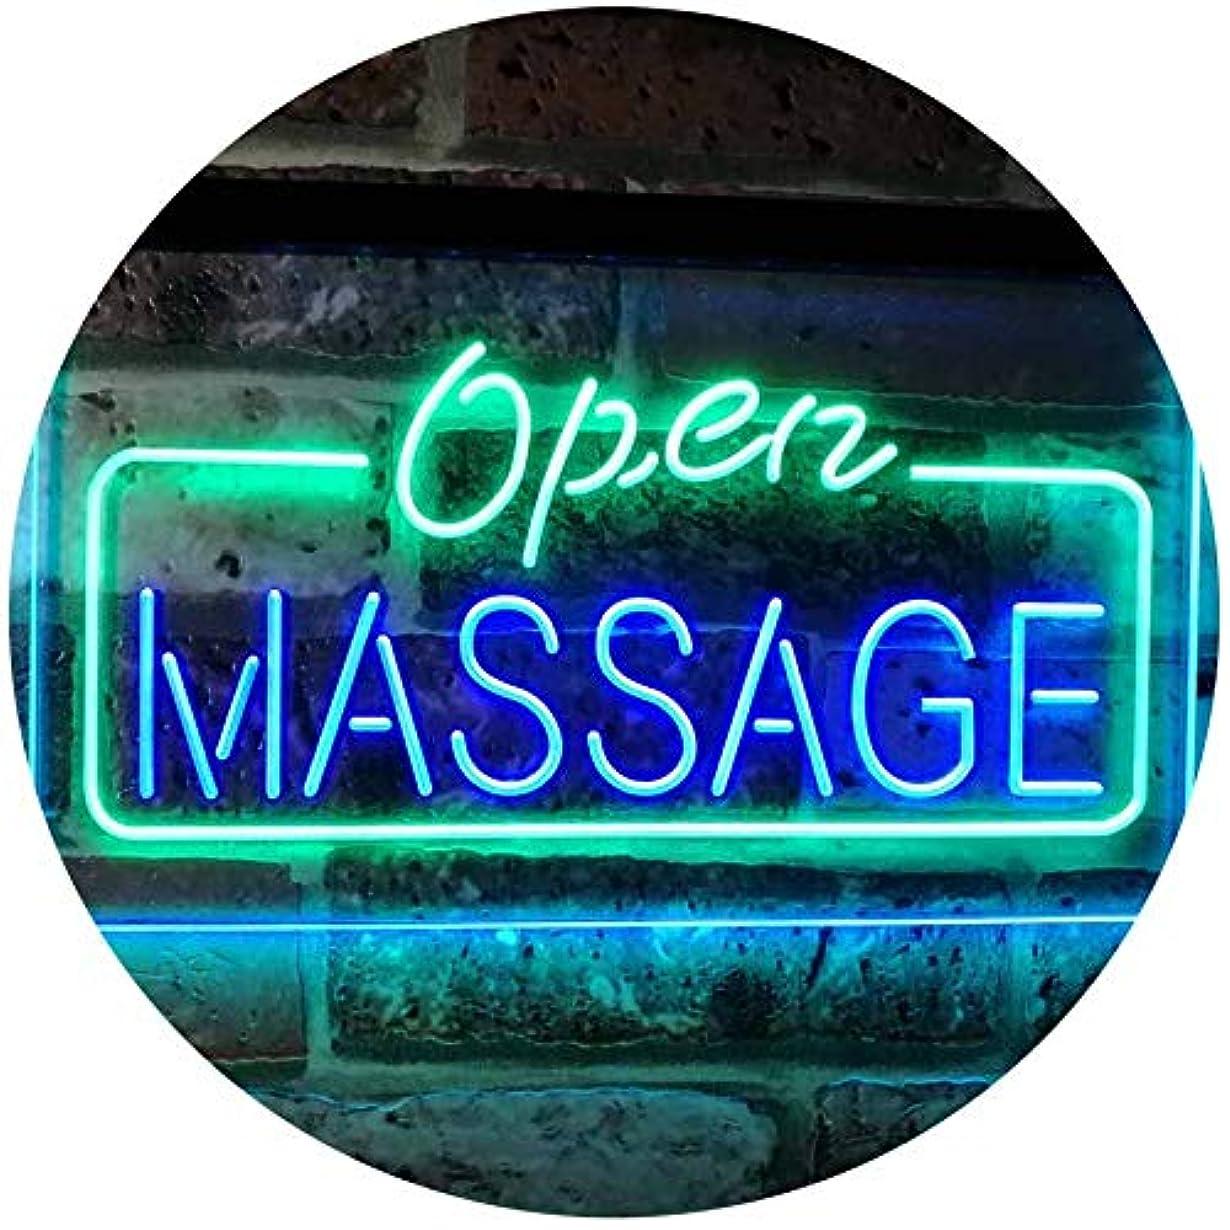 三十ペフ軽食Massage Therapy Open Walk-In-Welcome Display Body Care LED看板 ネオンプレート サイン 標識 Green & Blue 400mm x 300mm st6s43-...